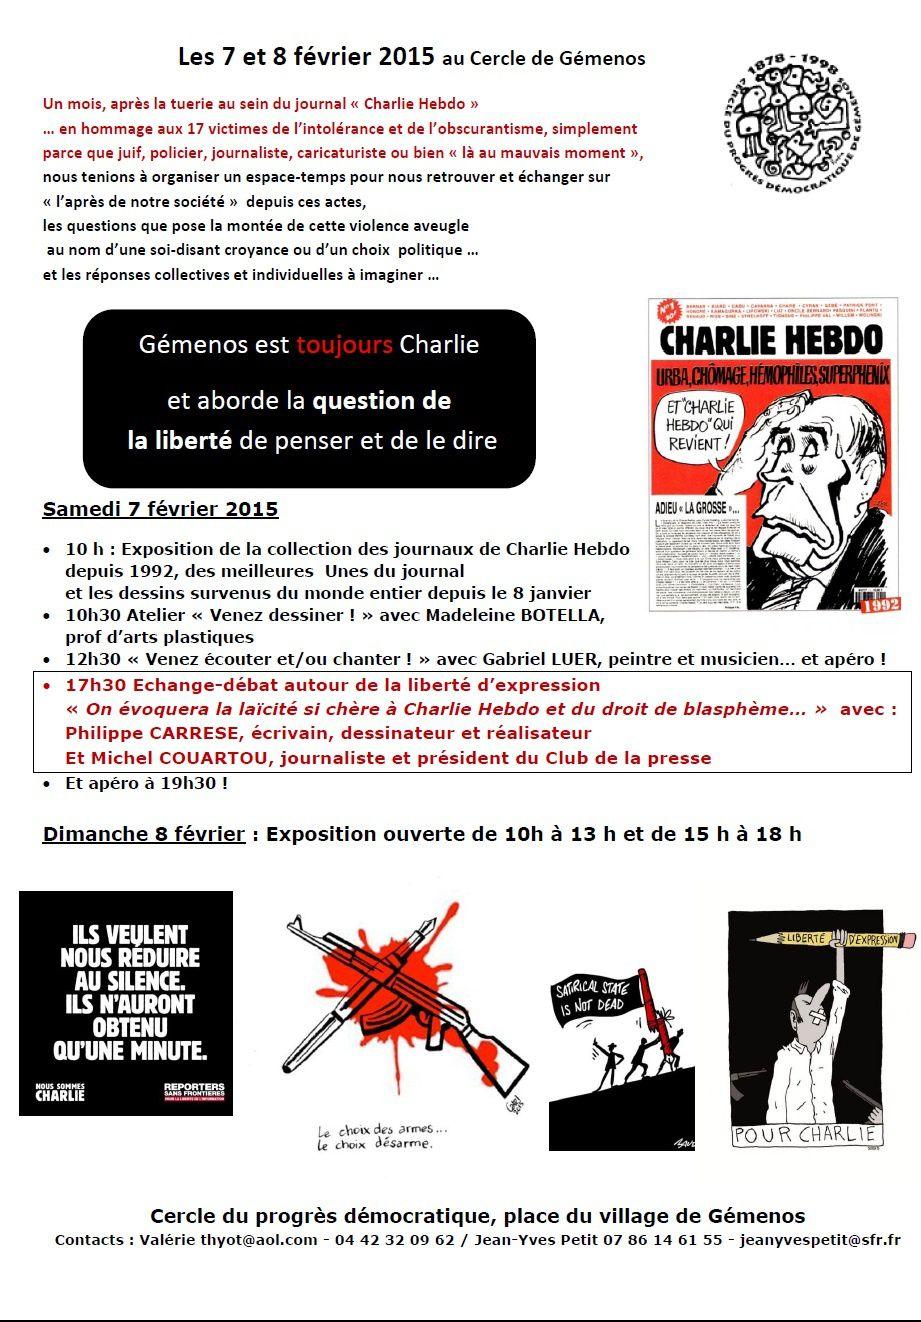 7 et 8 février 2015 au Cercle: Gémenos est toujours Charlie...